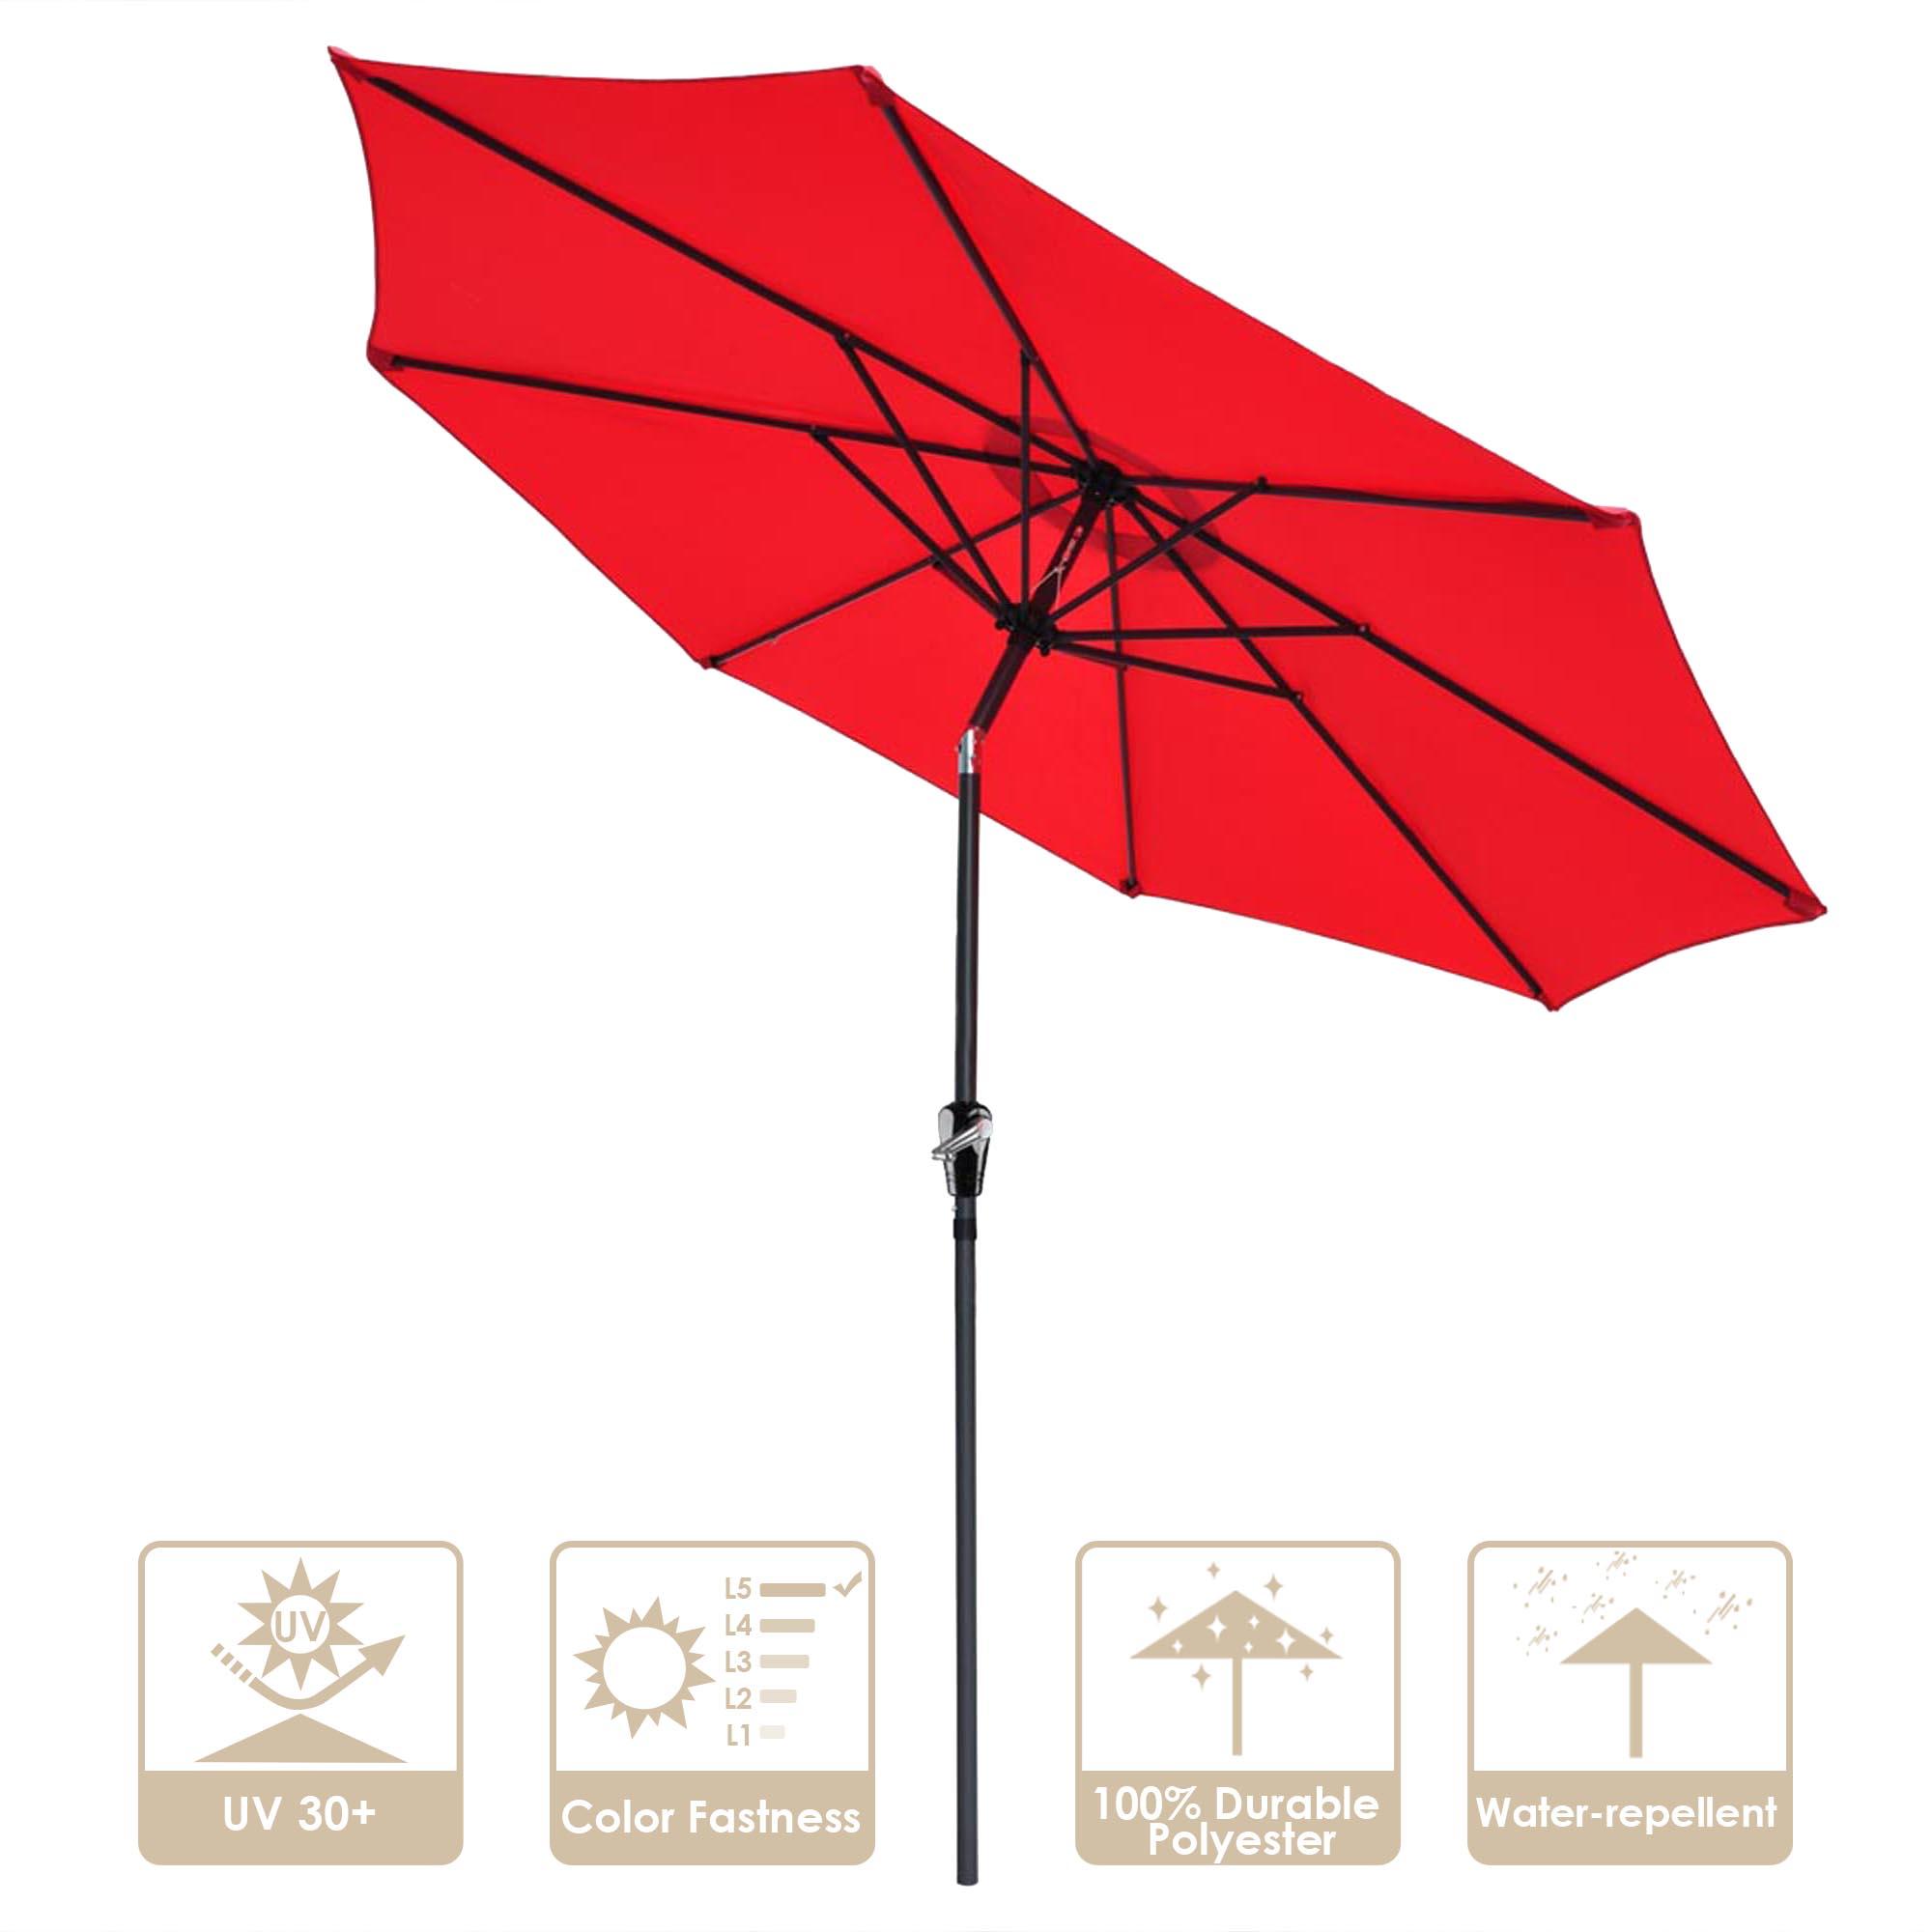 thumbnail 89 - 9' Outdoor Umbrella Patio 8 Ribs Market Garden Crank Tilt Beach Sunshade Parasol